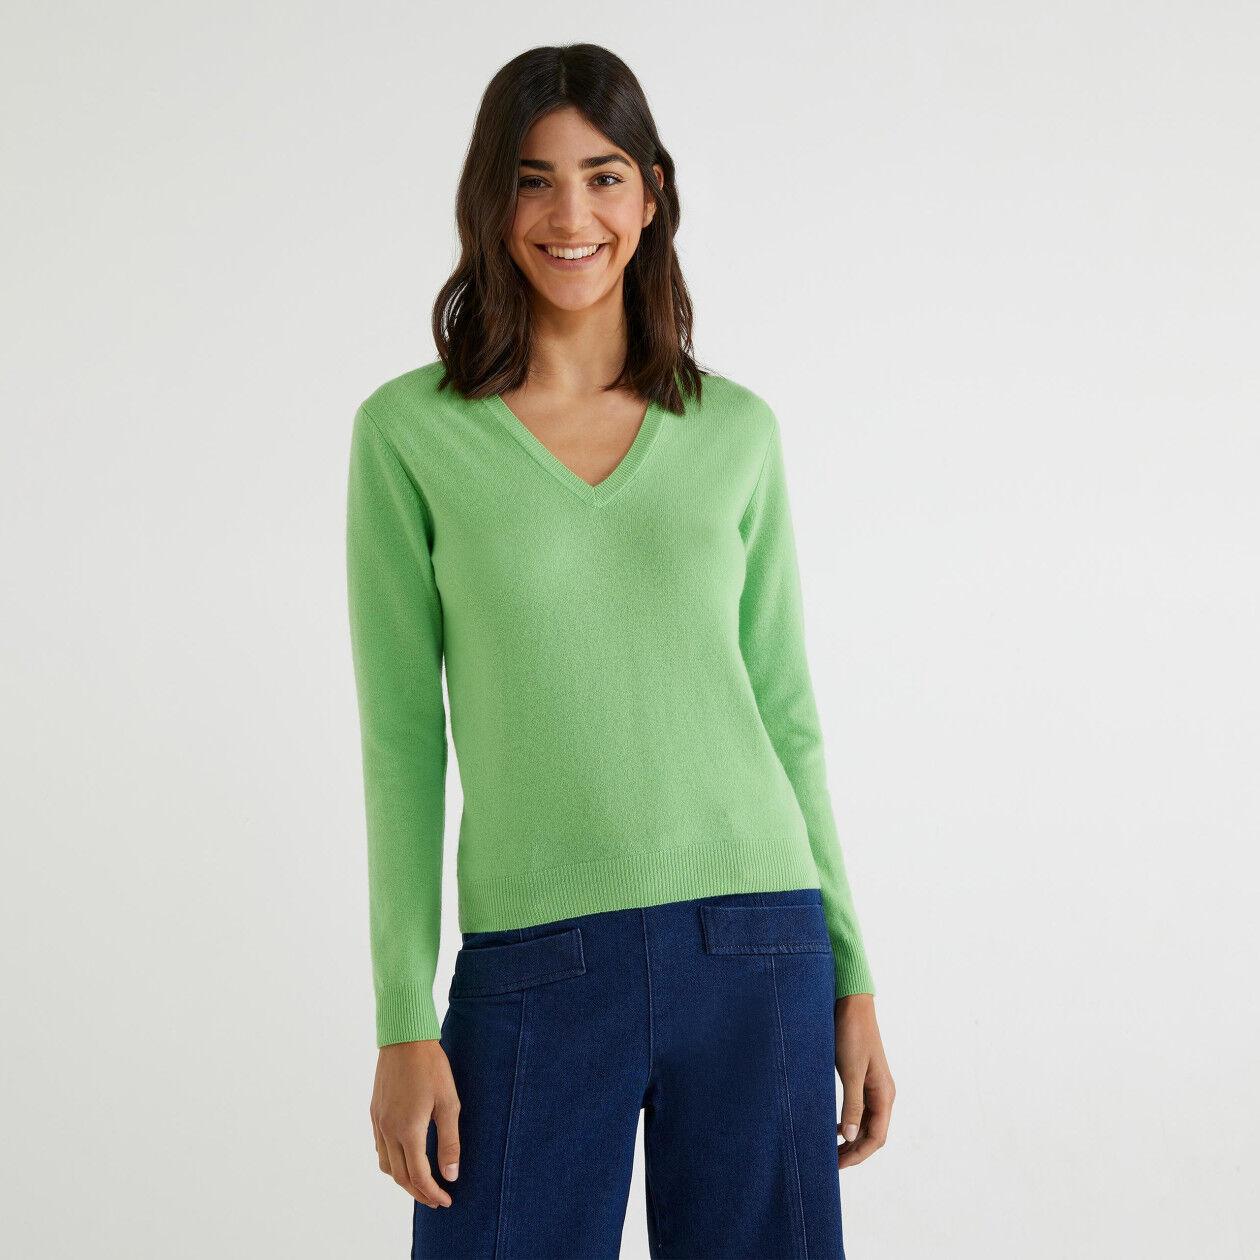 Camisola decote em V 100% lã virgem